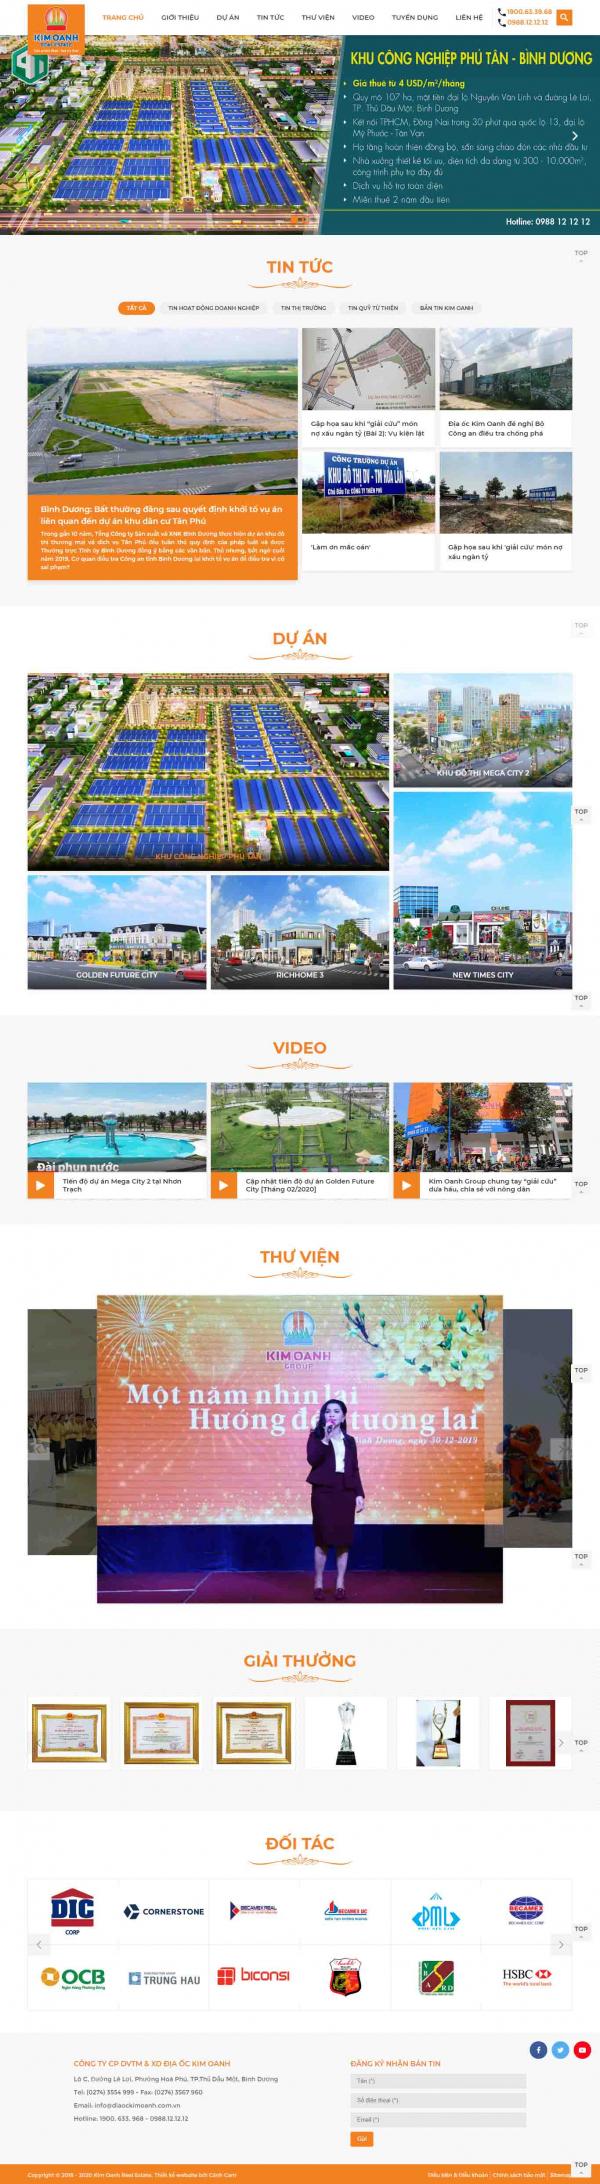 Mẫu trang web dự án bất động sản cho doanh nghiệp